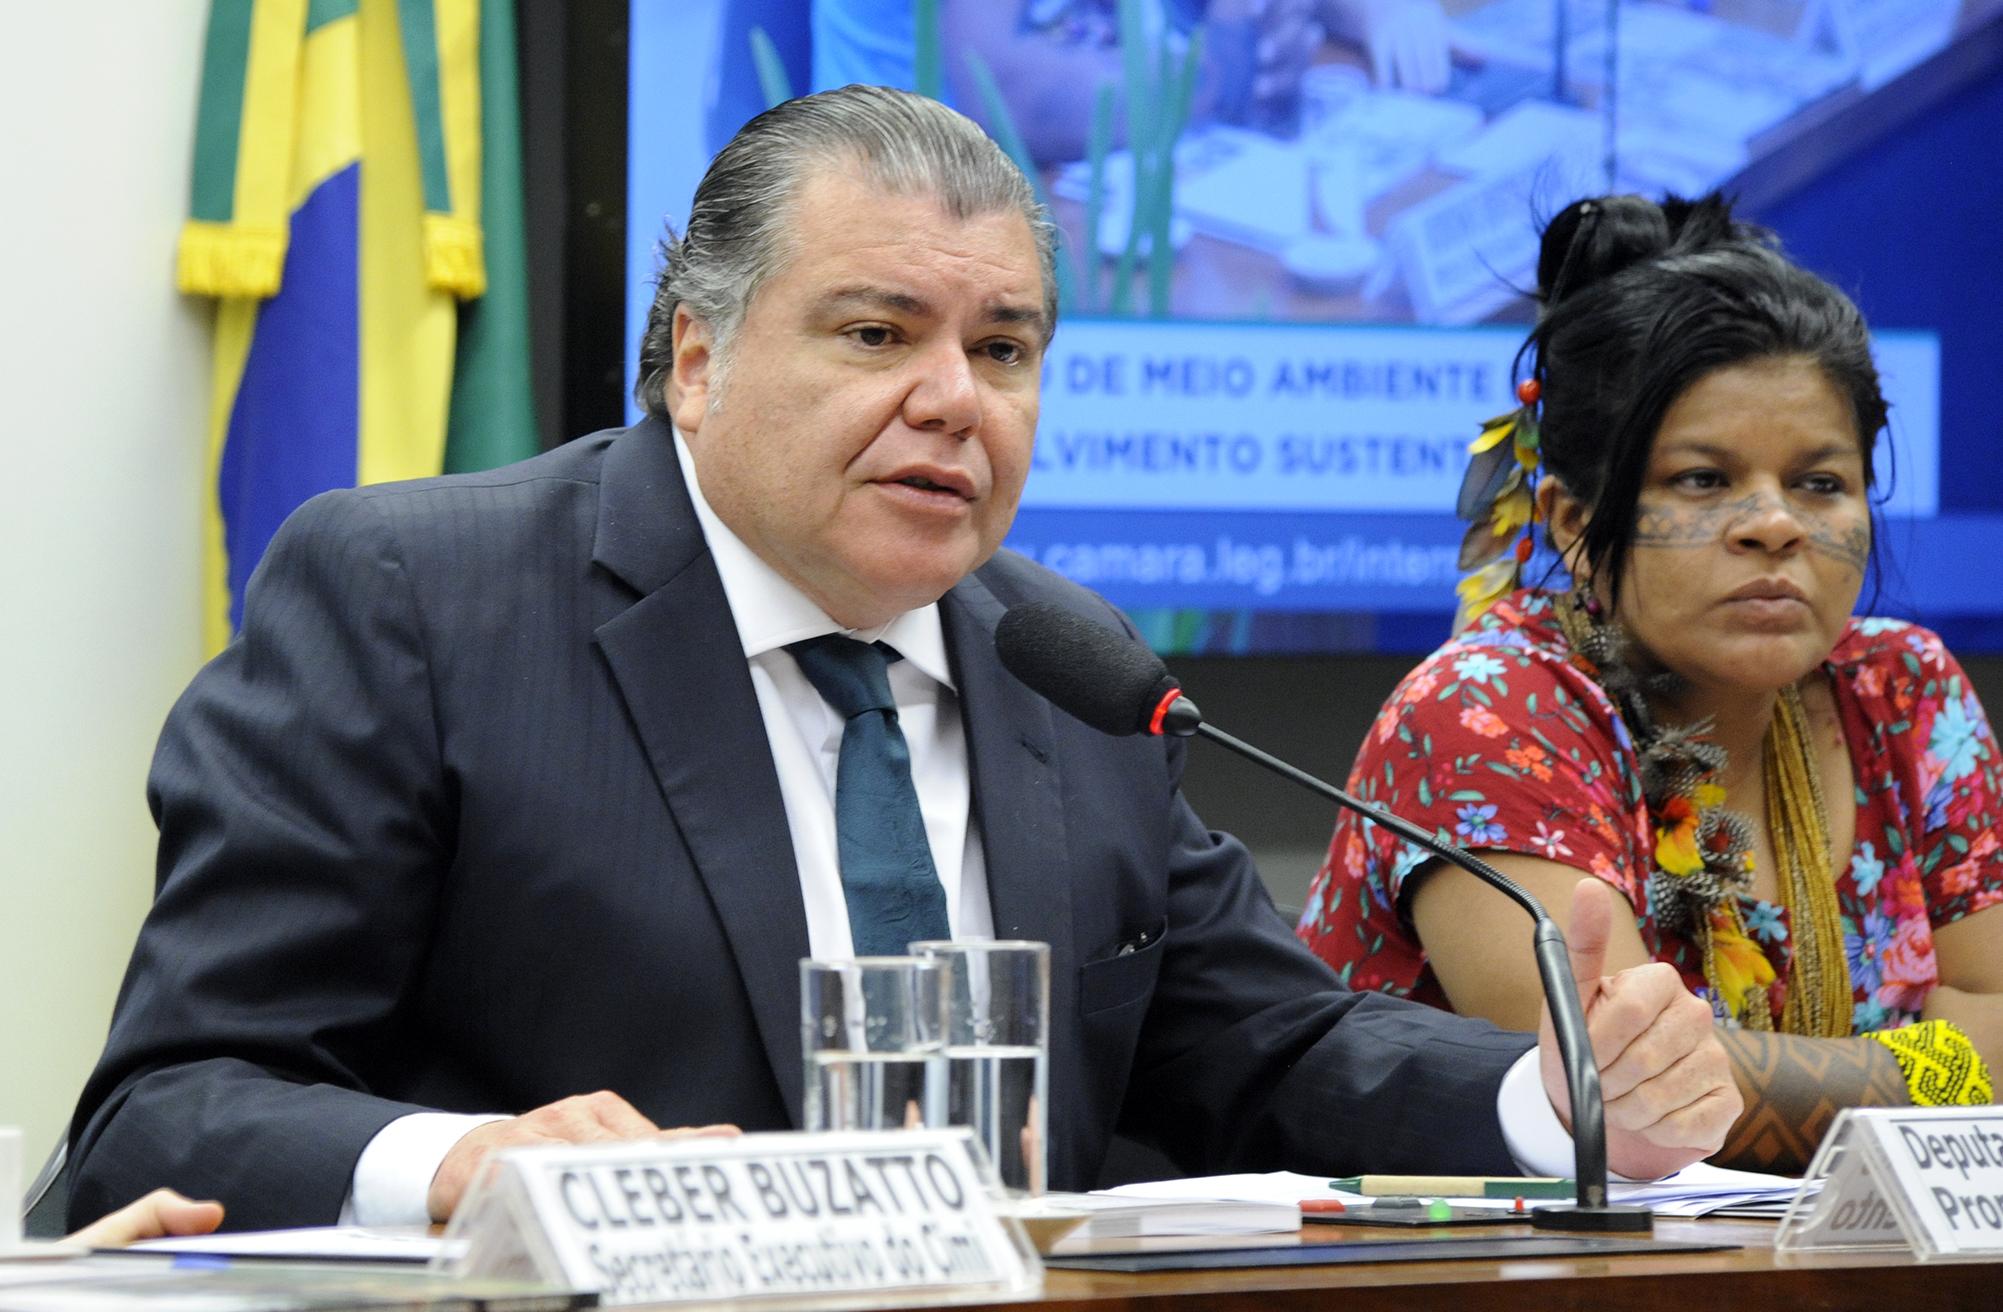 Audiência pública para discussão do relatório do Conselho Indigenista Missionário (CIMI) que trata da violência contra os povos indígenas em 2014. Presidente da CMADS, dep. Sarney Filho (PV-MA)